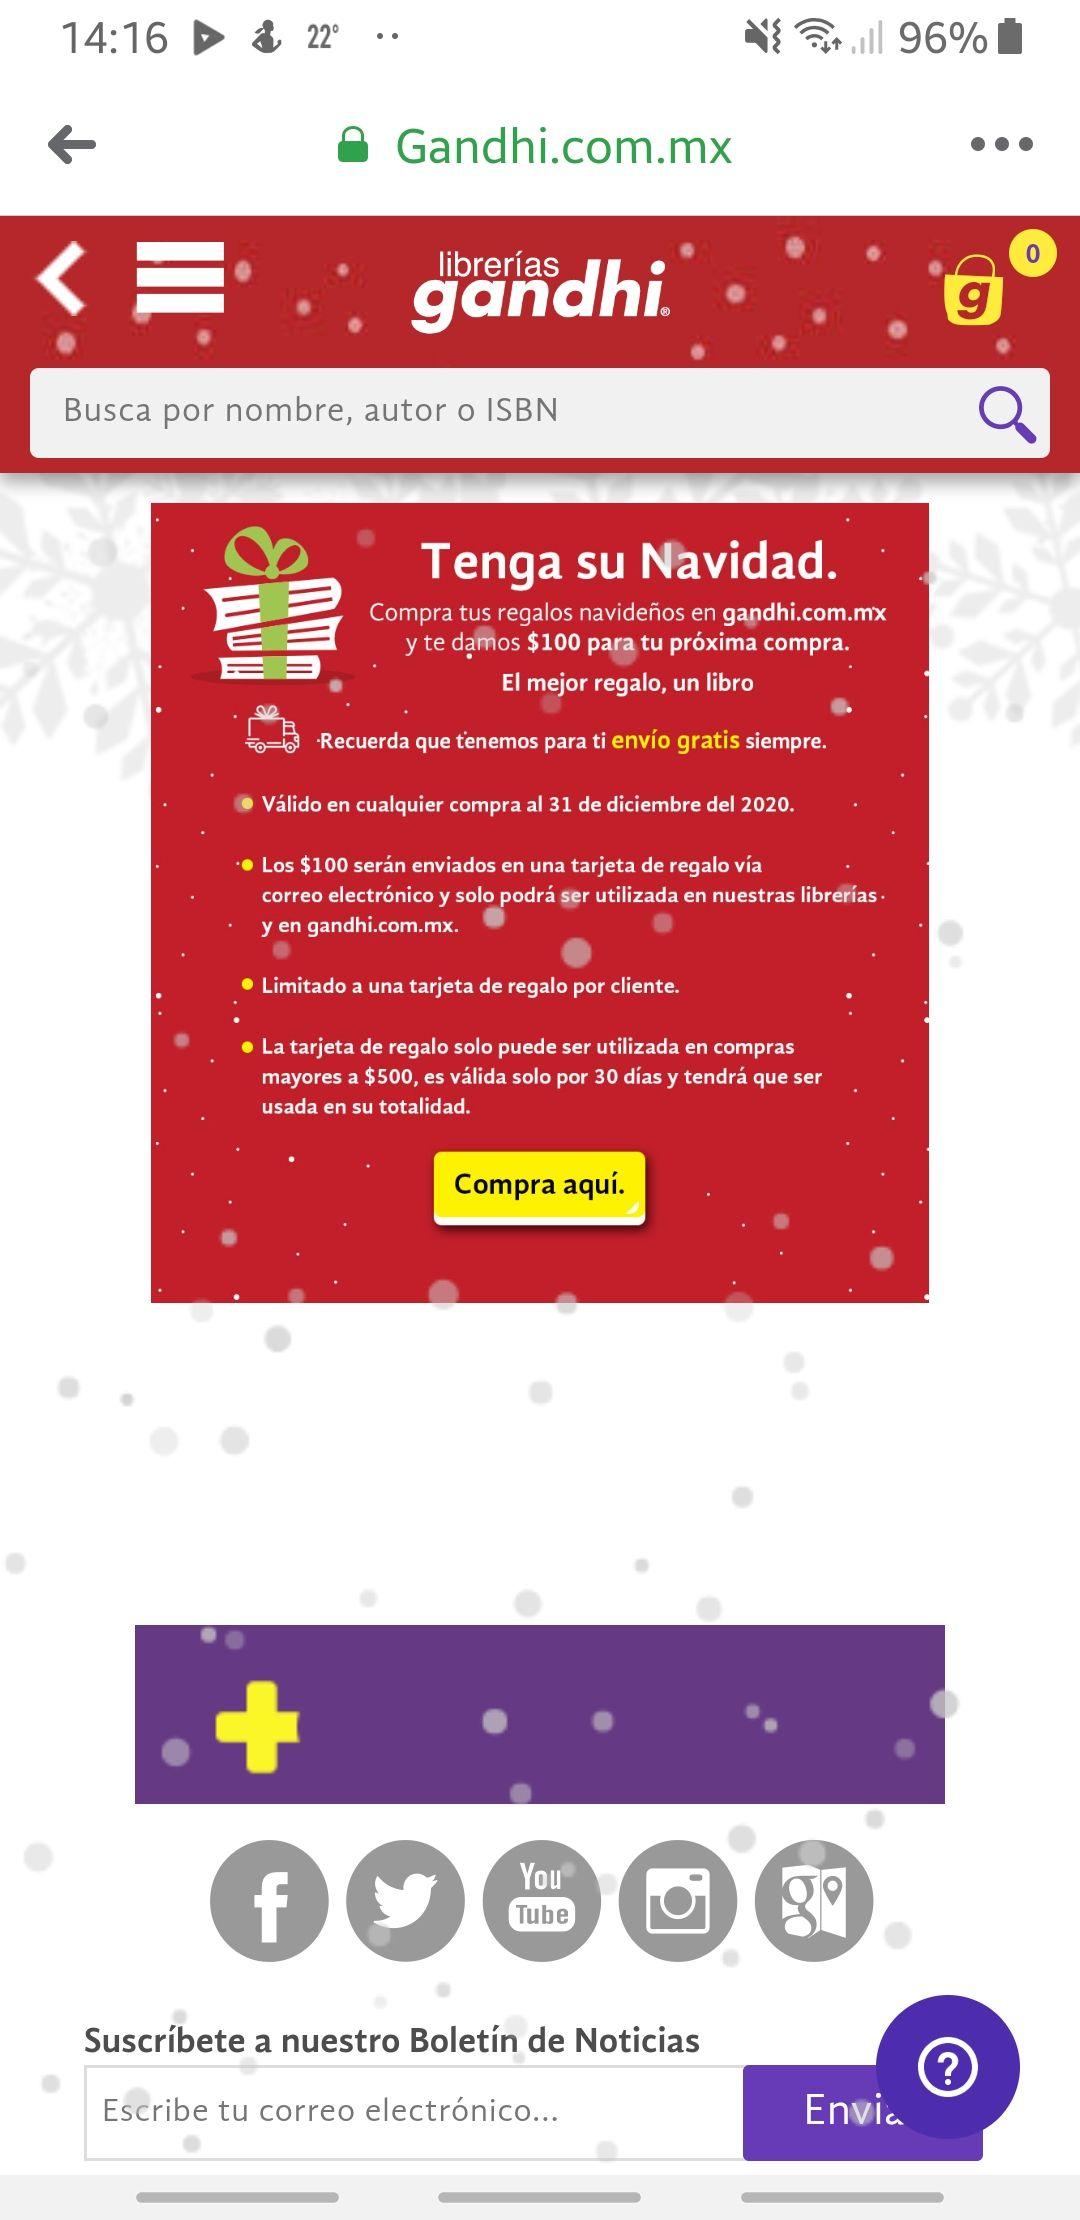 Gandhi: tarjeta de regalo de $100 al hacer compras navideñas